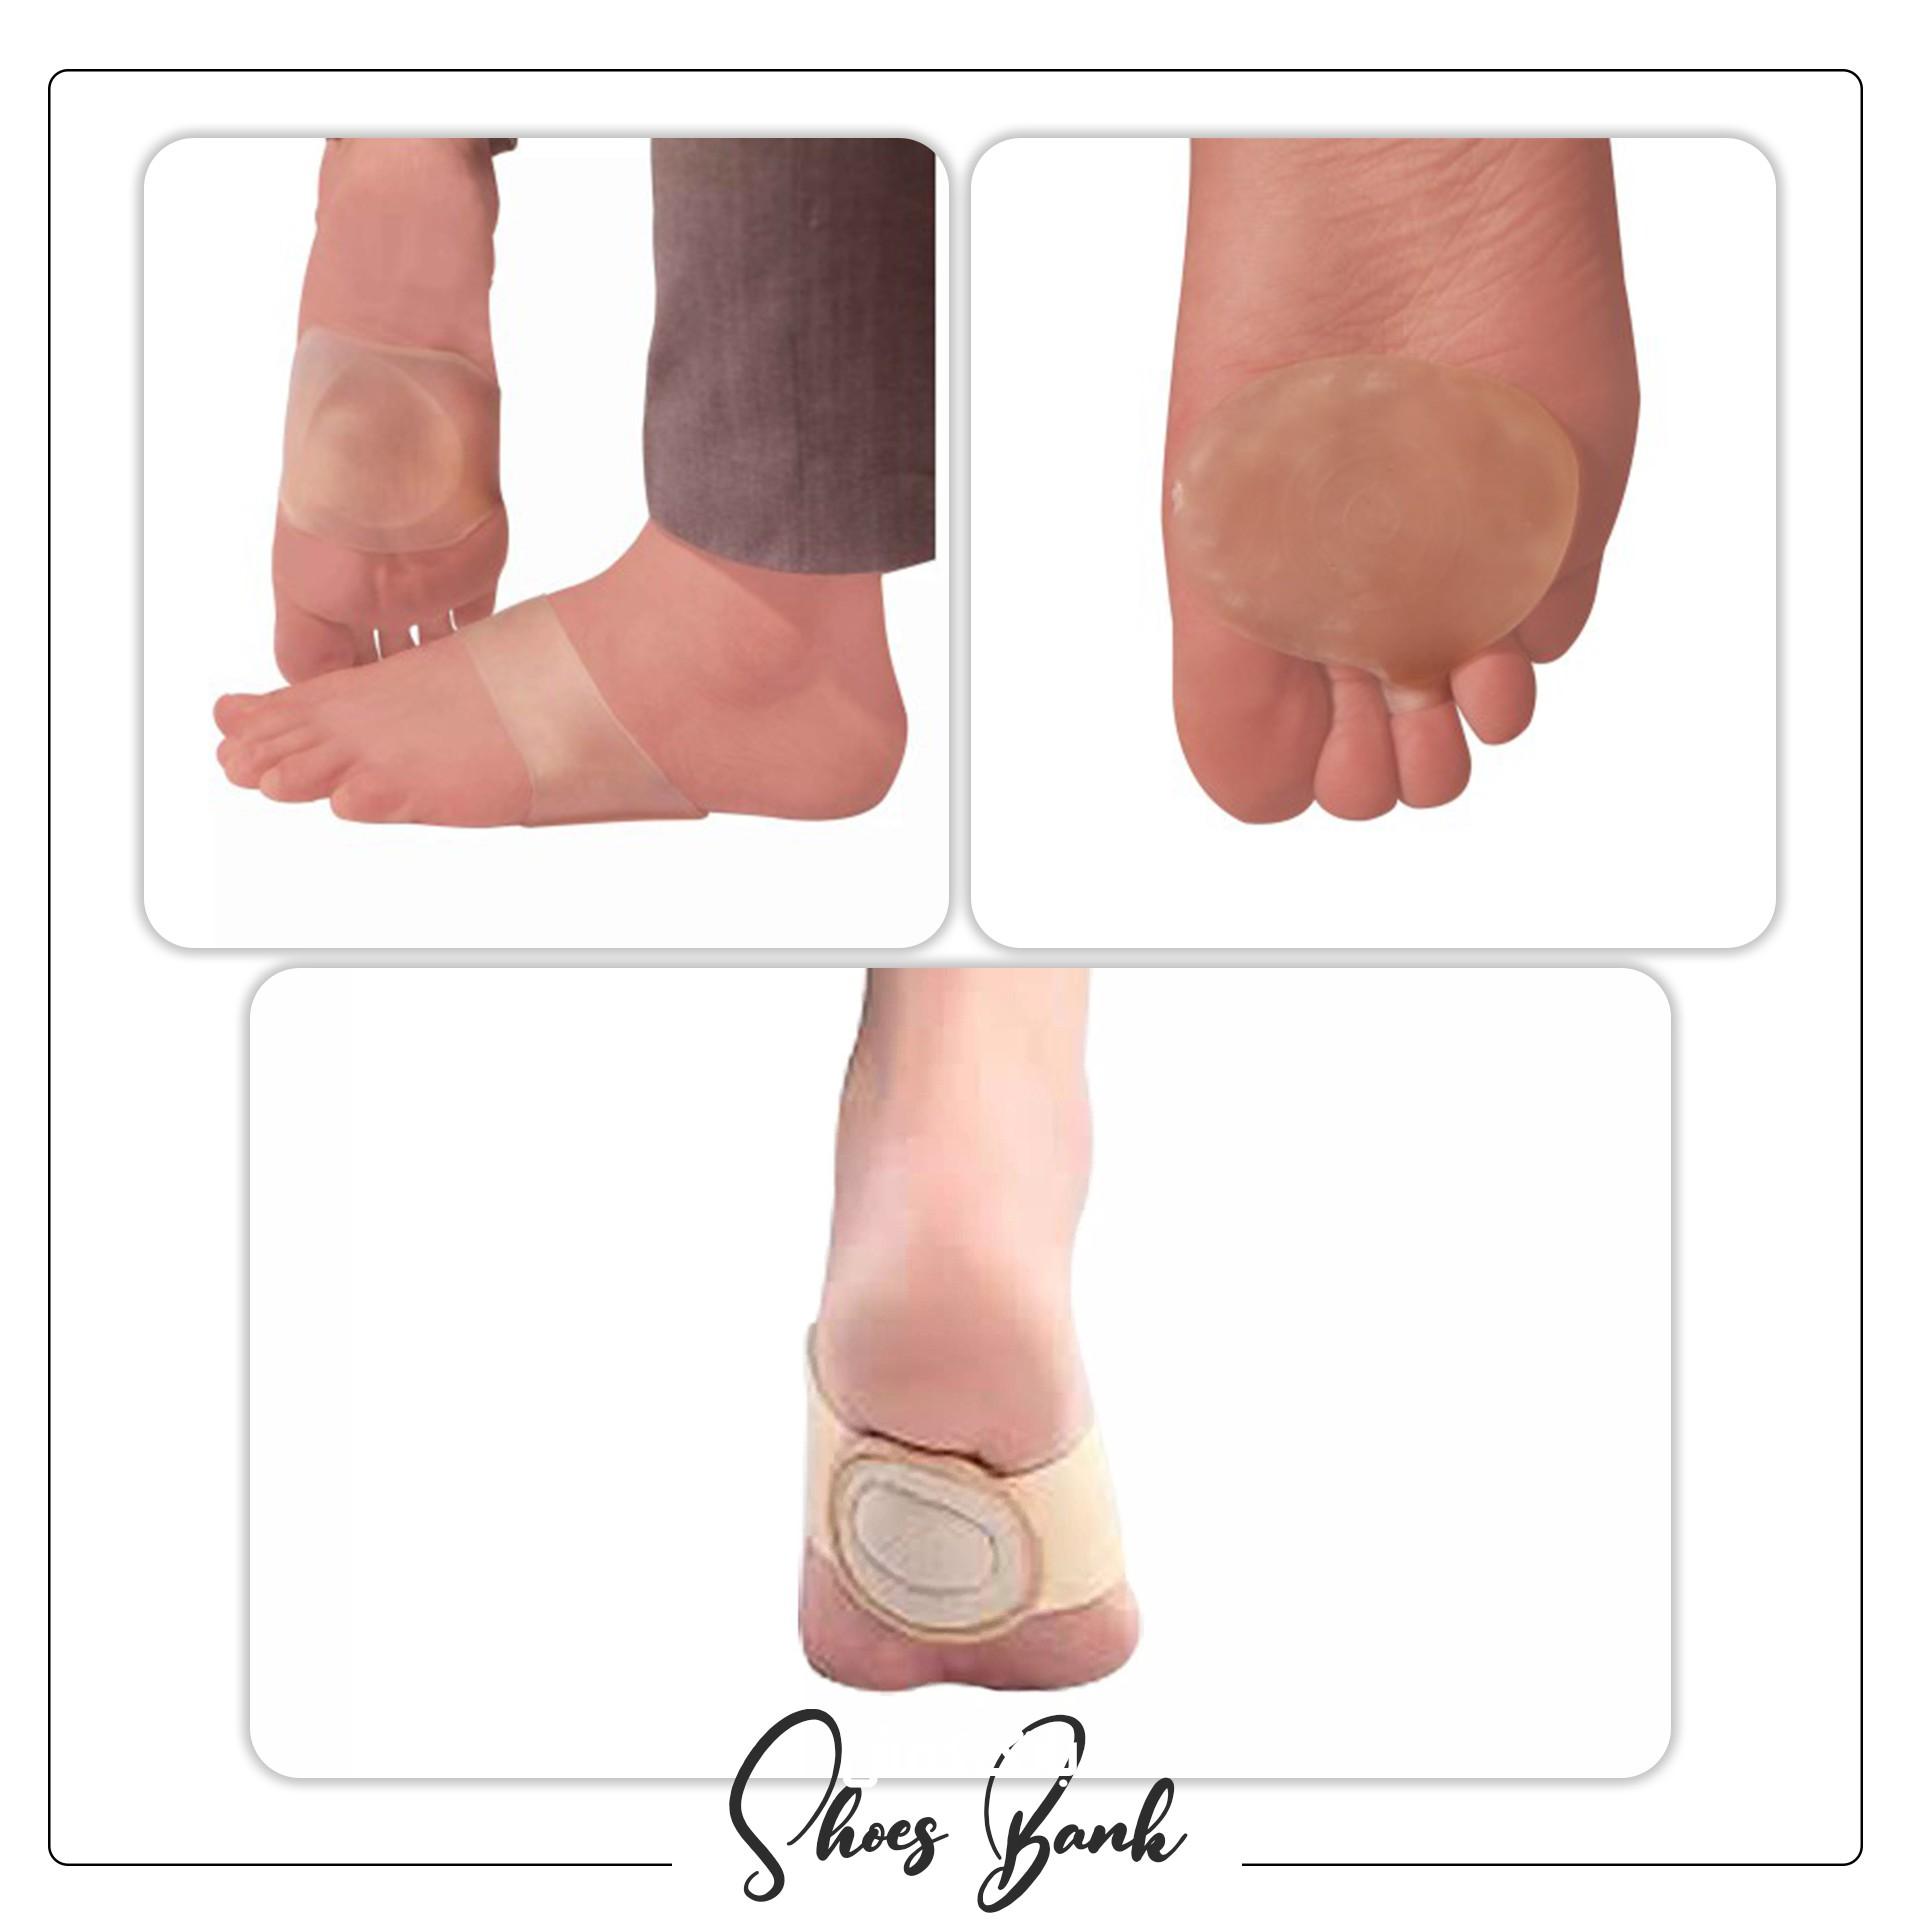 پدهای مخصوص التیام پخش و  کاهنده فشارروی پا در مبتلایان نوروم مورتون